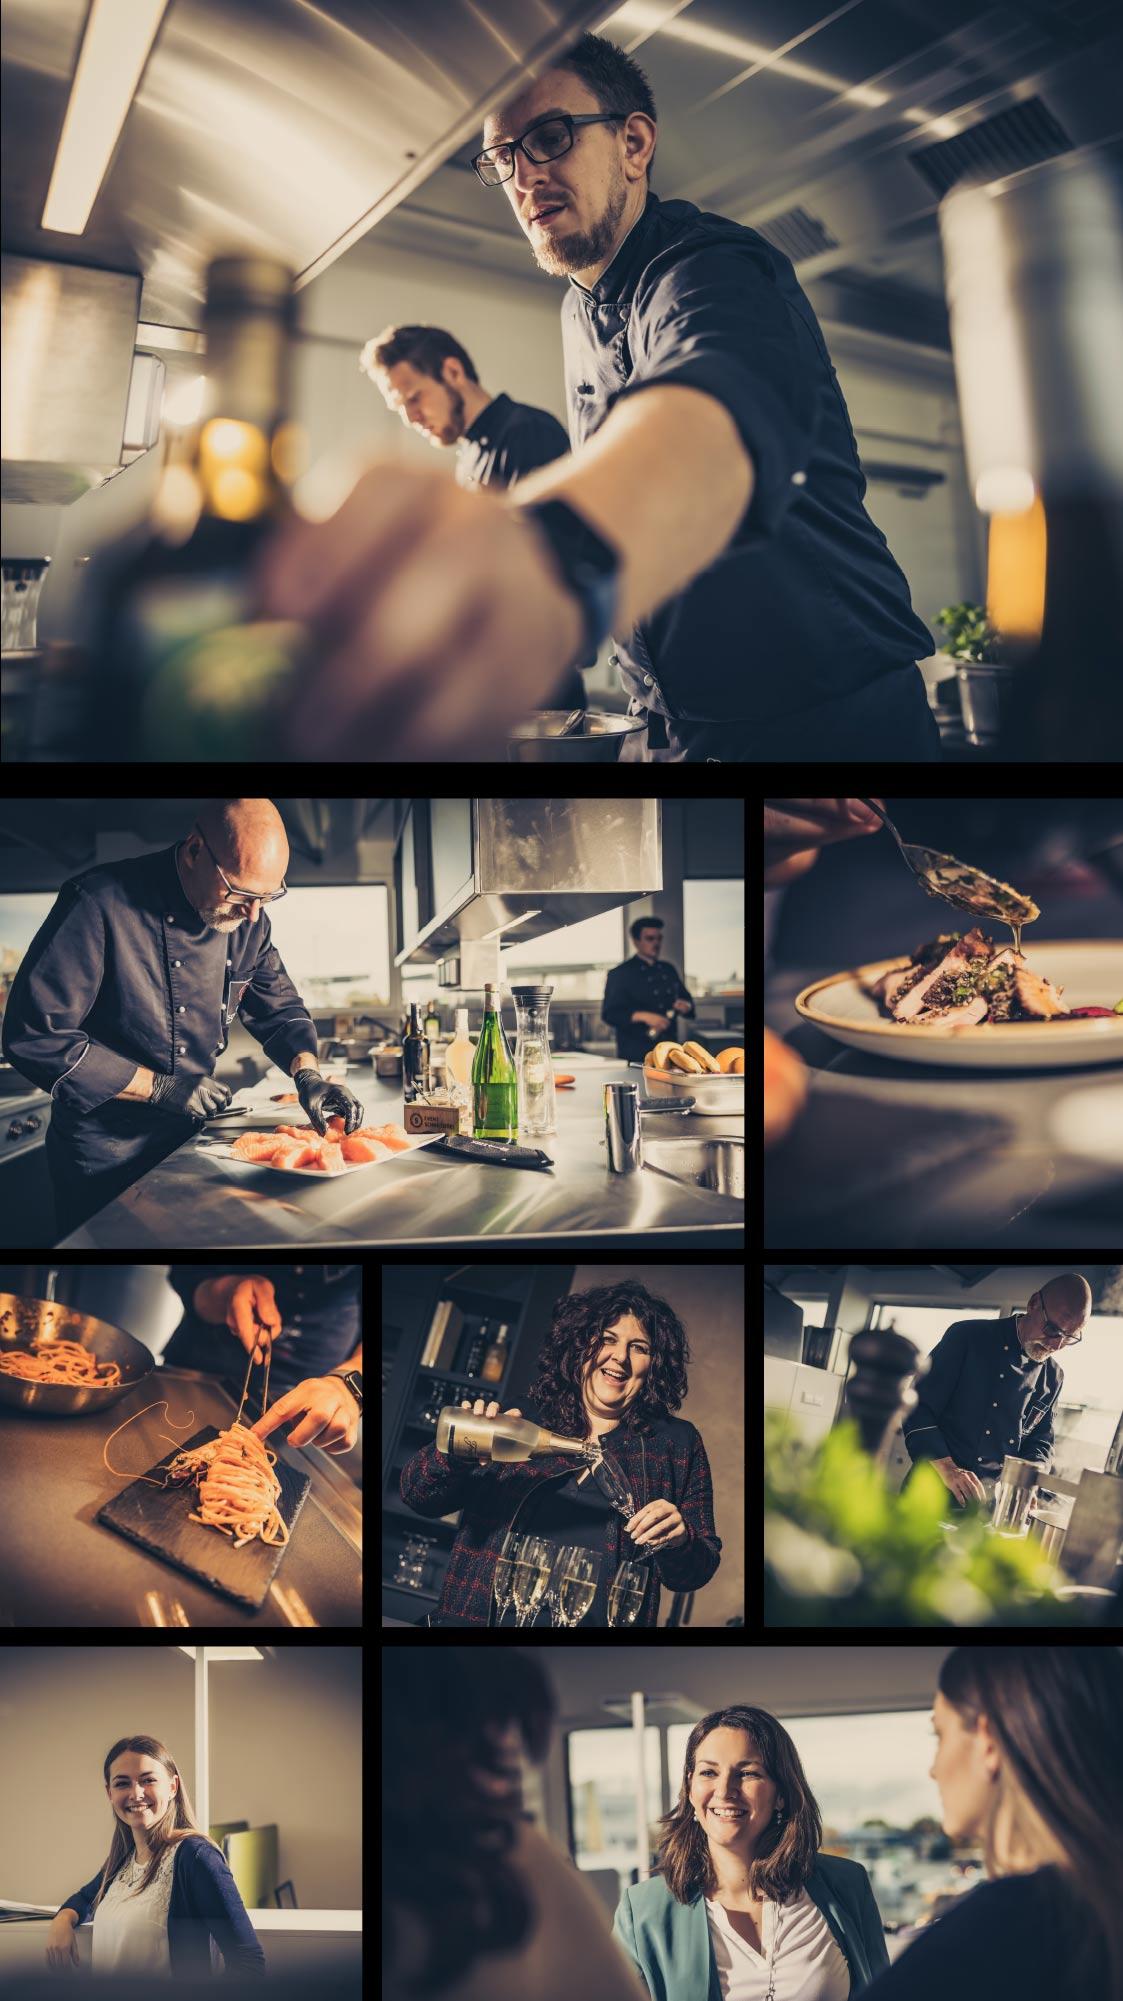 Eine Zusammenstellung verschiedener Bilder aus der Event Schneiderei und Schneiders Kochschule